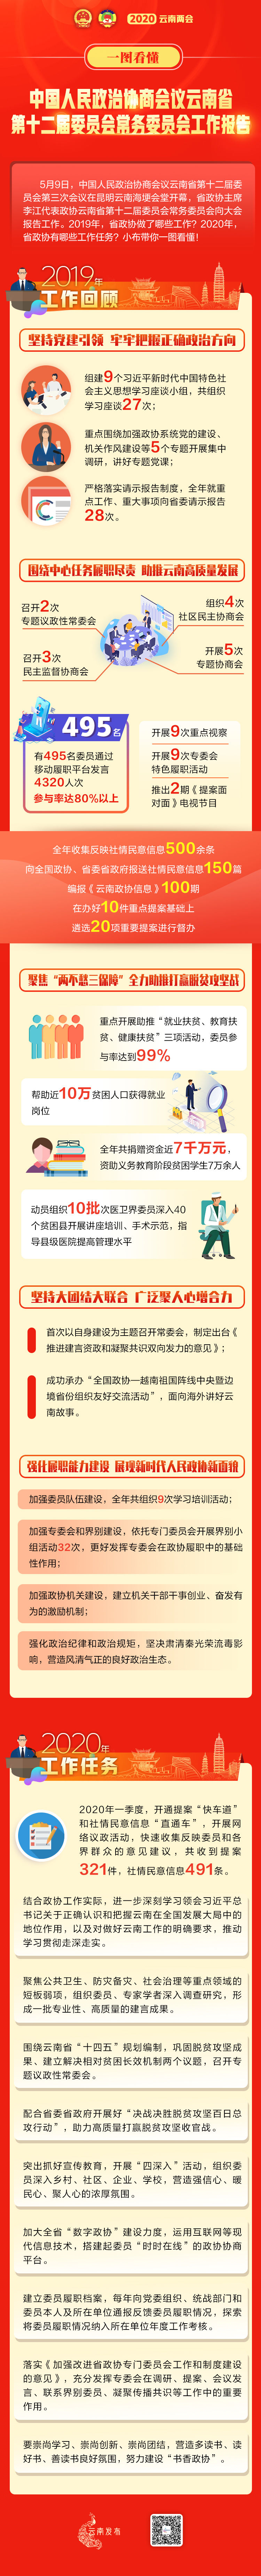 杏悦官网:政协杏悦官网都做了哪些工作2020图片